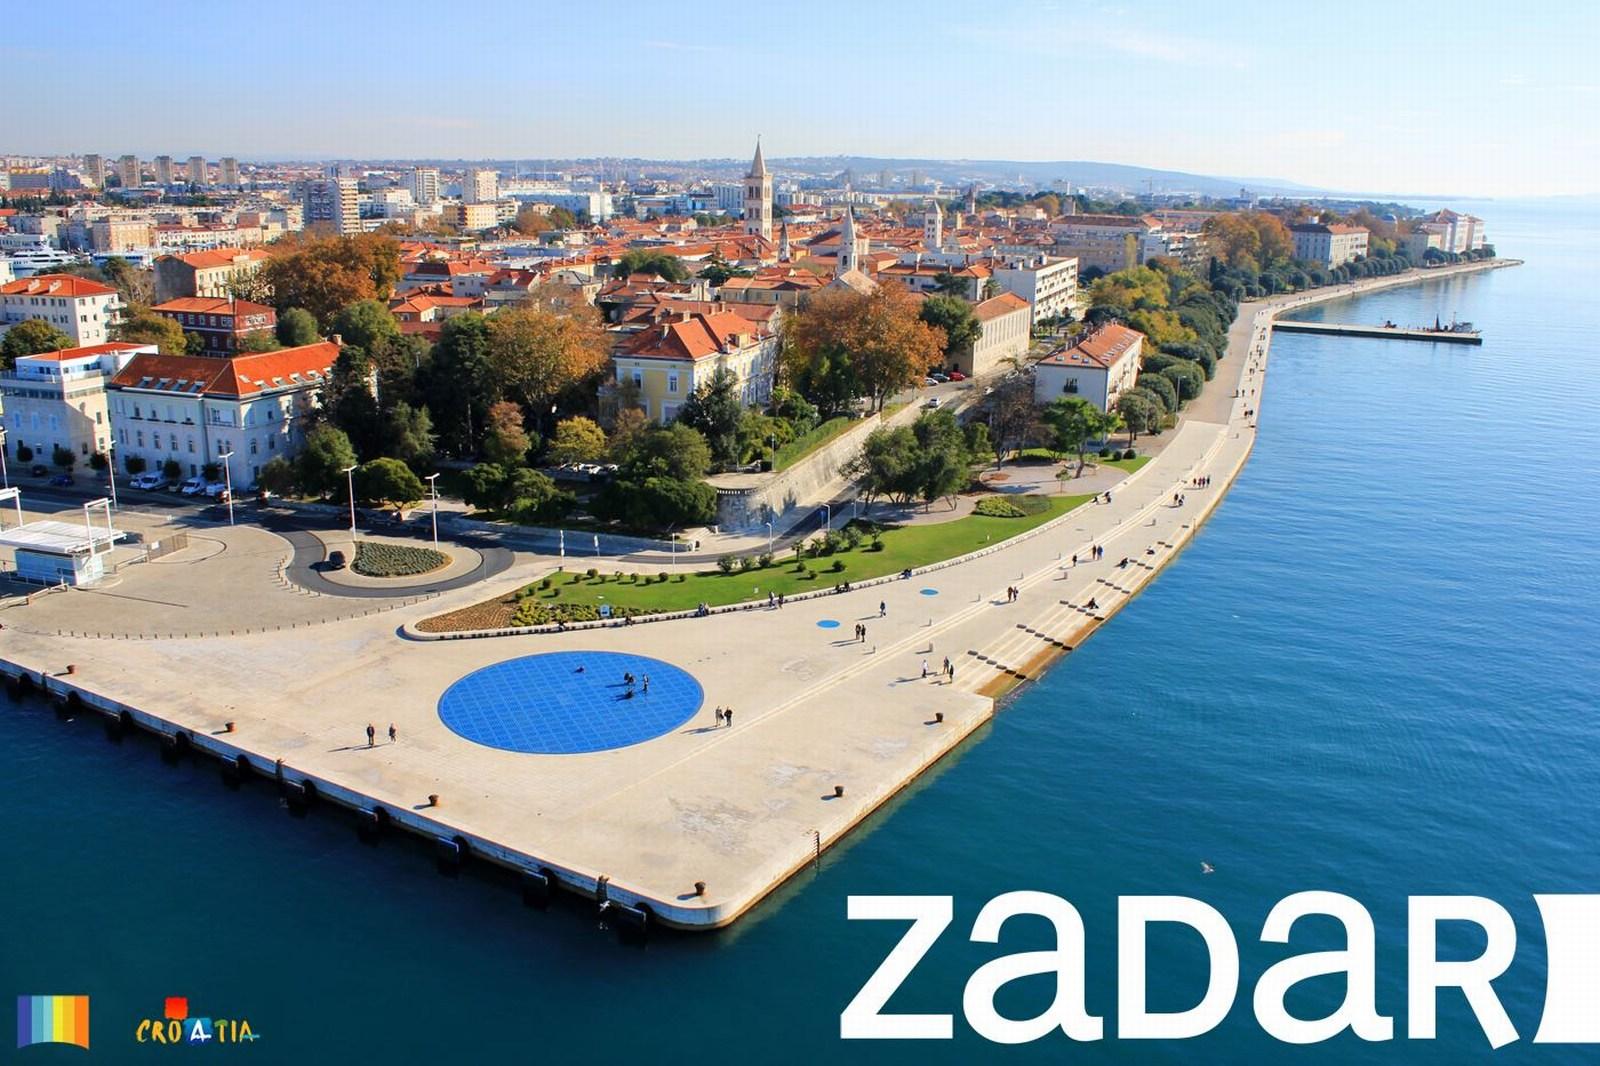 Zadar, polotok, iz zraka. Obe inštalaciji sta na rivi. Foto: HTZ in V. Jednaković.